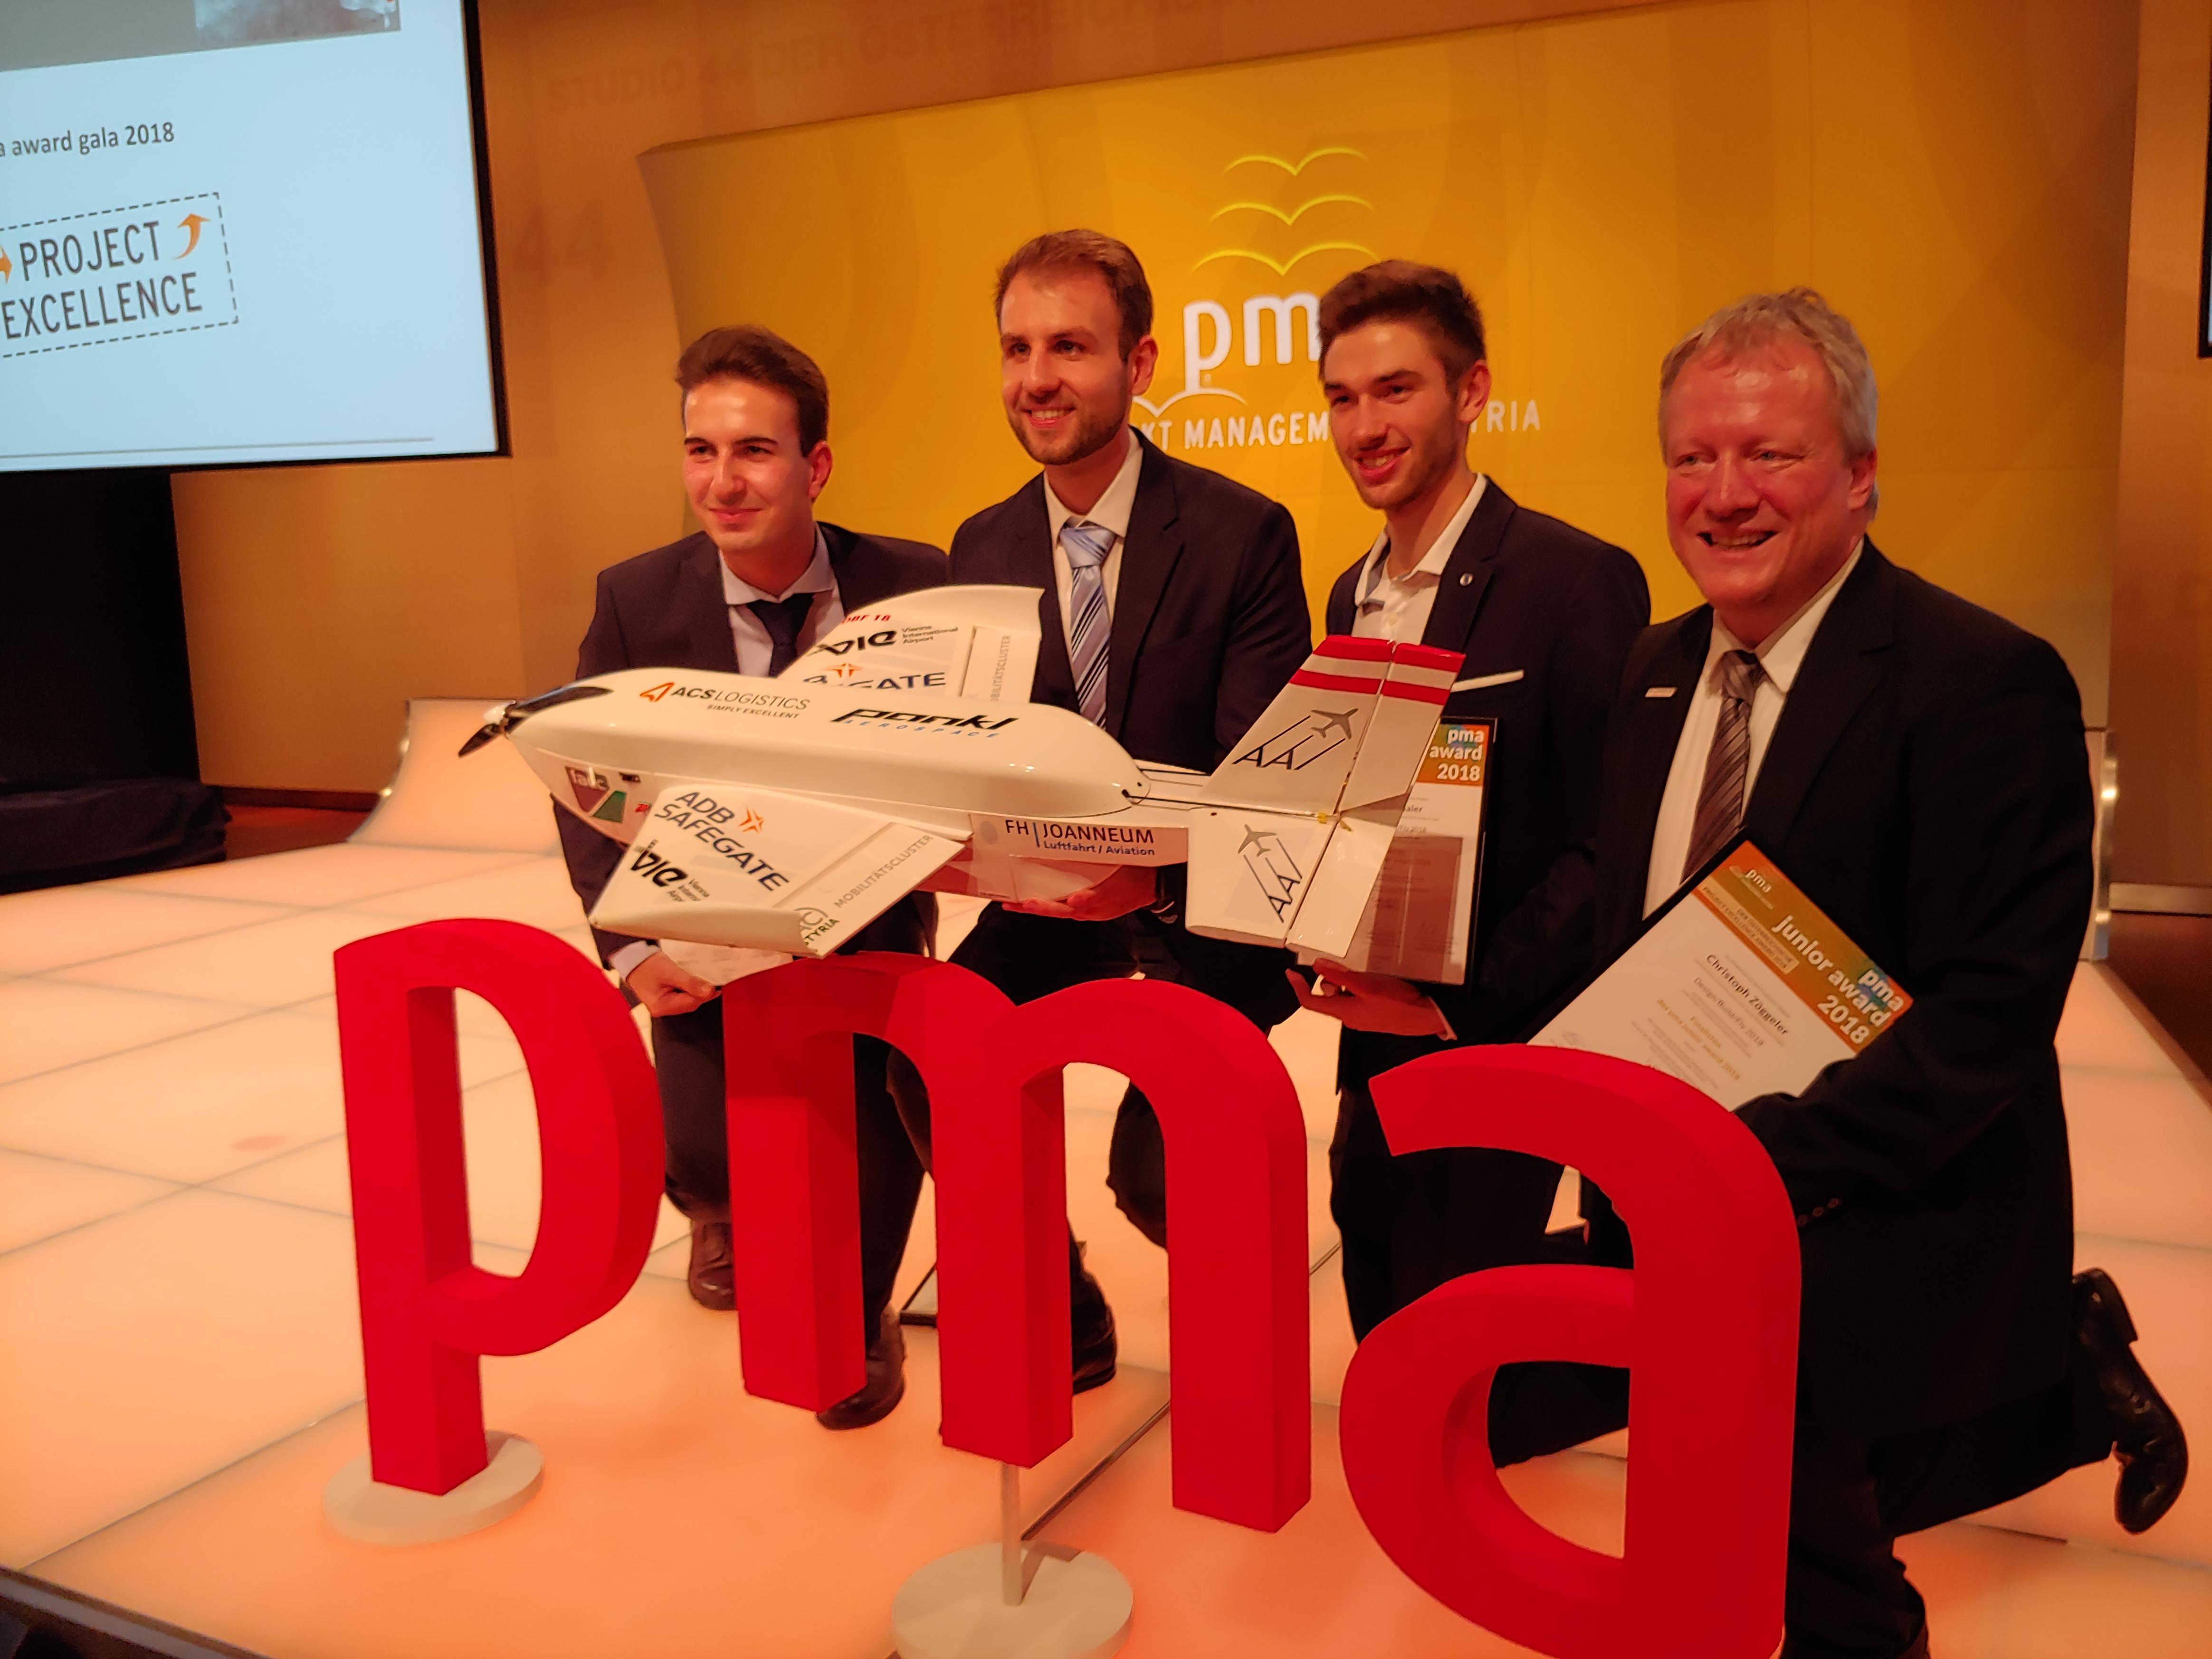 Die Studierenden von joanneum Aeronautics erreichten mit ihrem Projekt den dritten Platz bei den pma junior awards 2018.